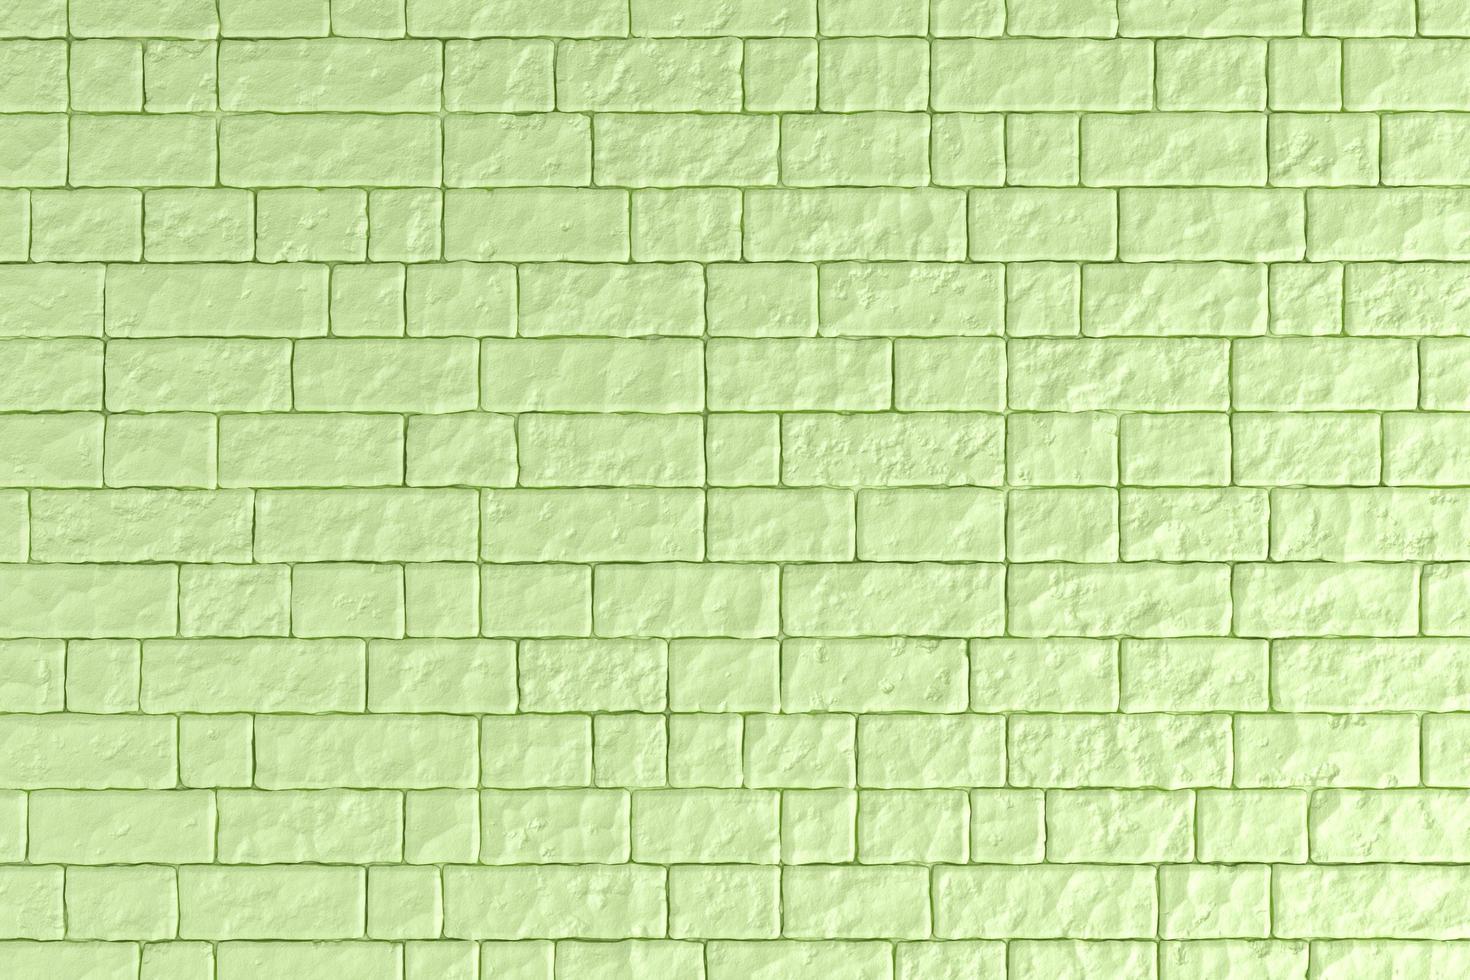 3d Illustration einer grünen Backsteinmauer foto